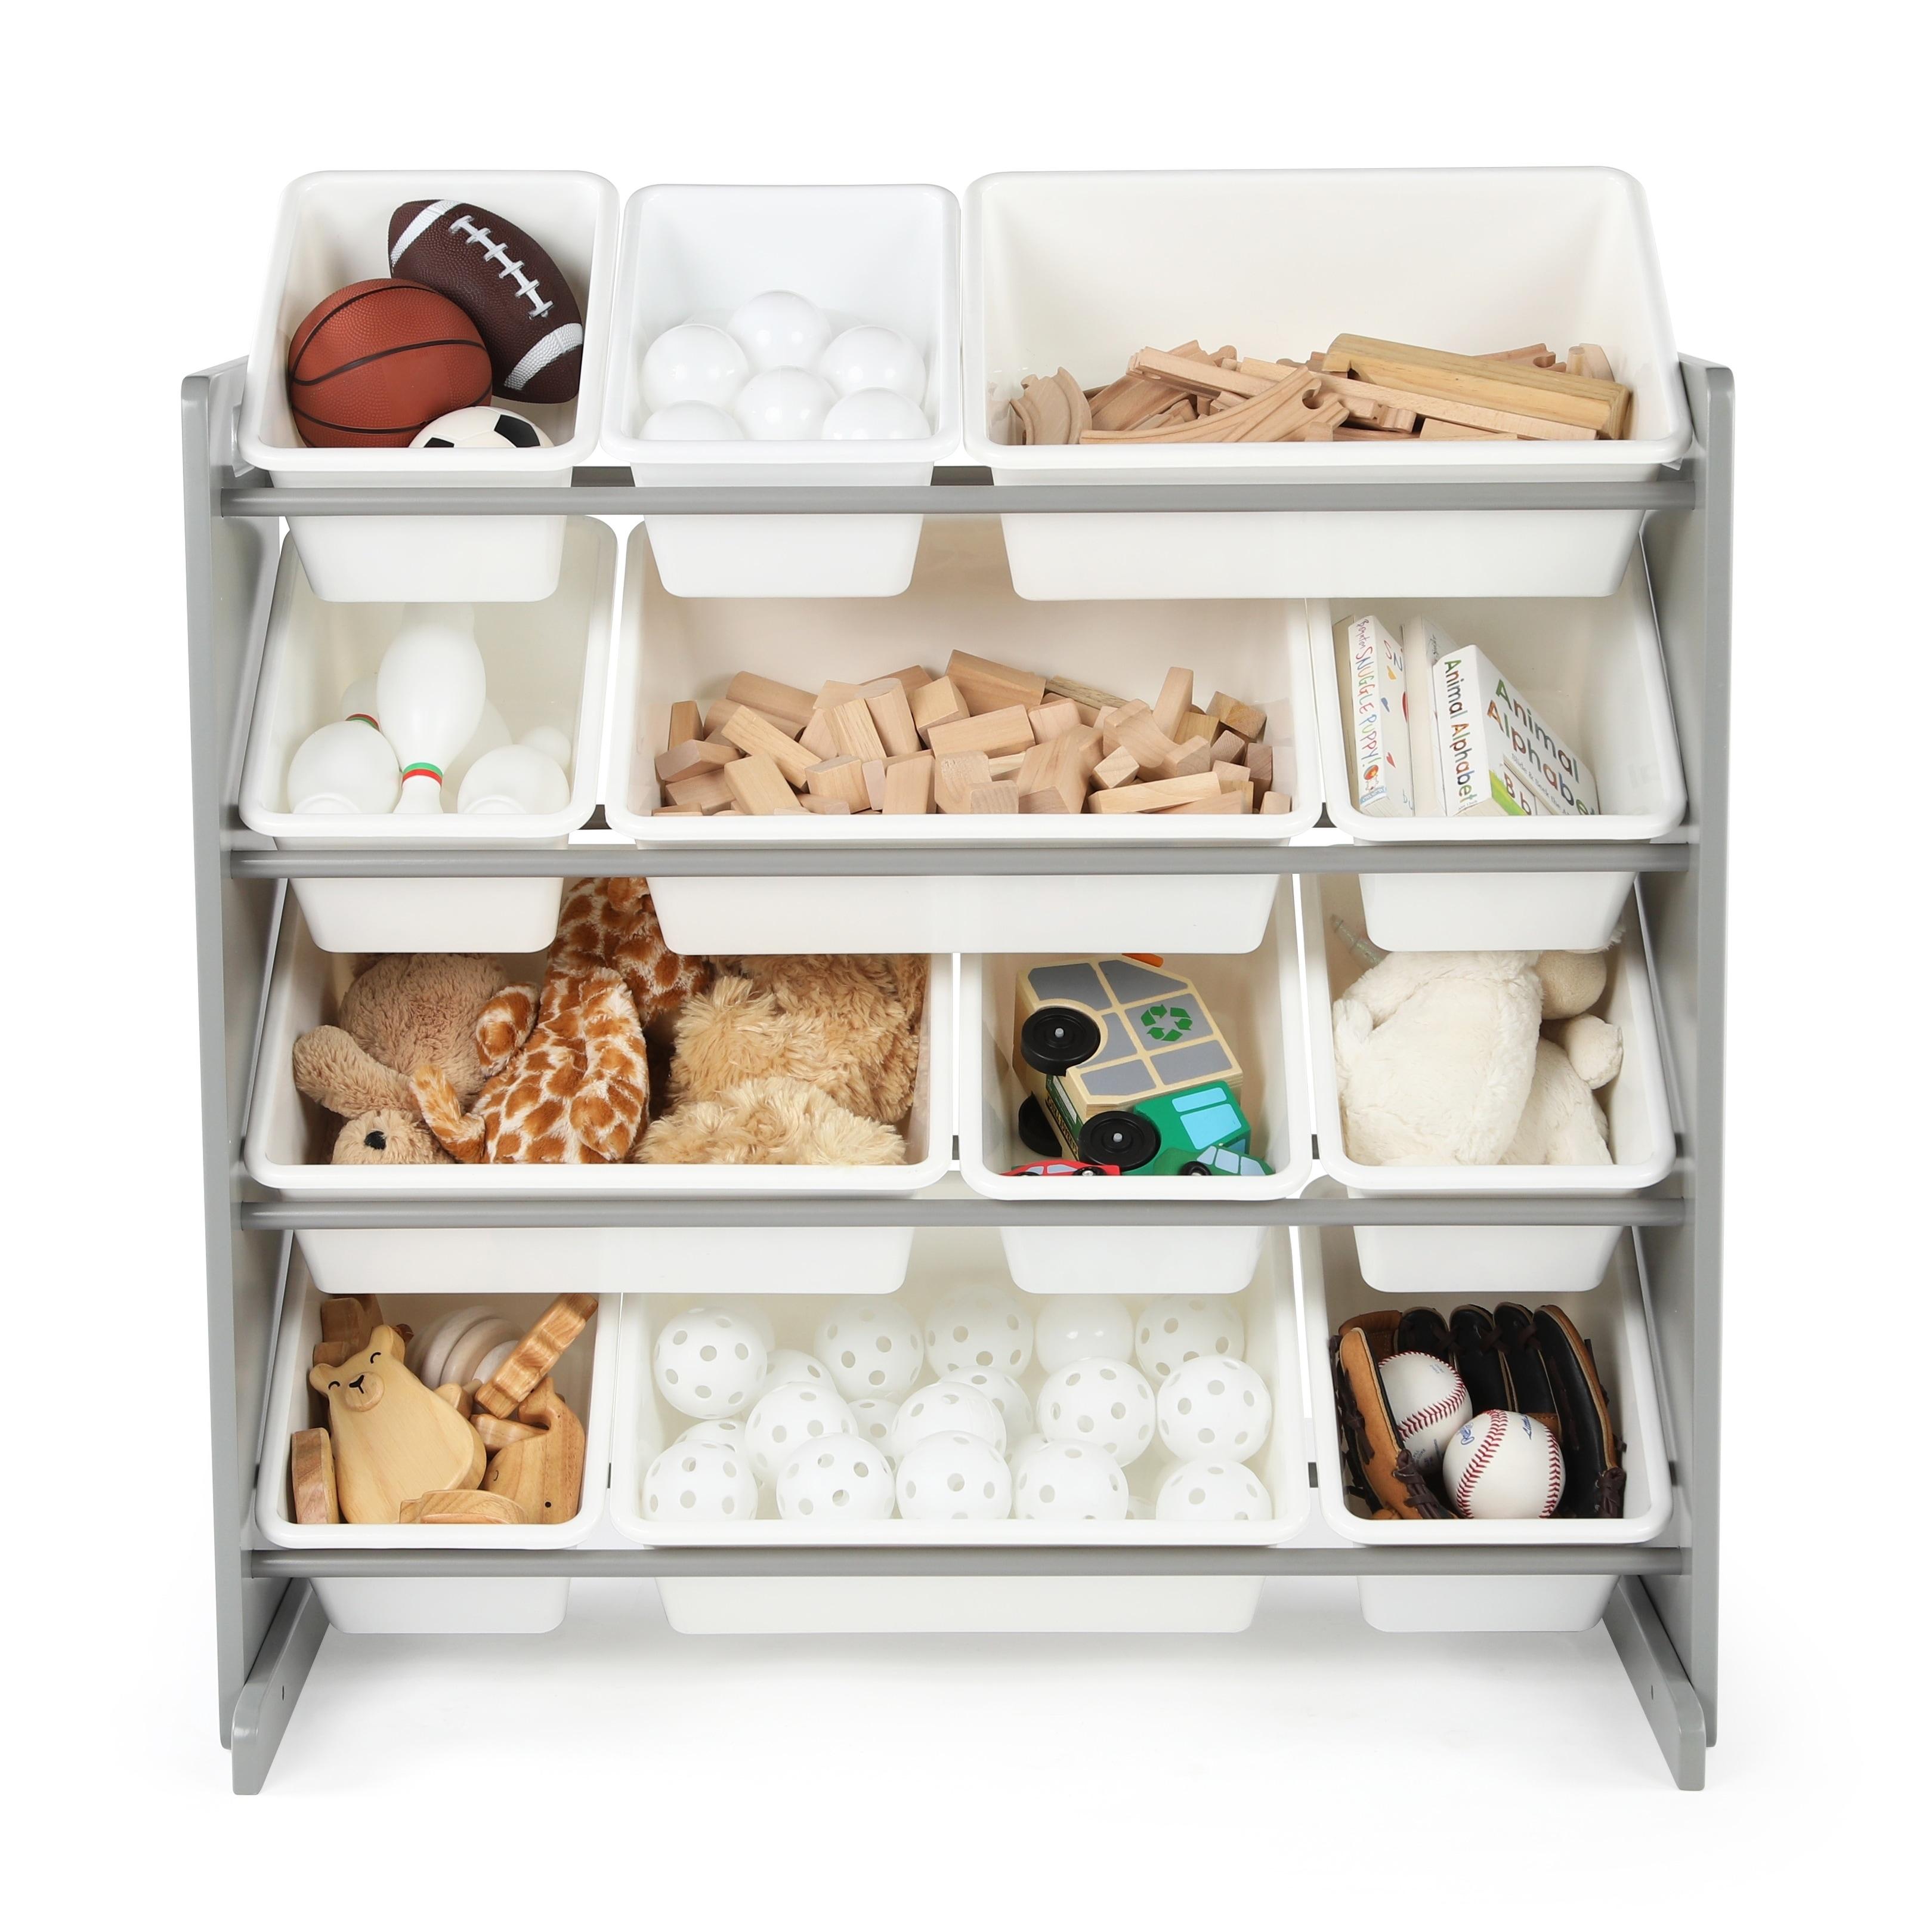 Tot Tutors Kids Toy Storage Organizer W 12 Plastic Bins Grey White